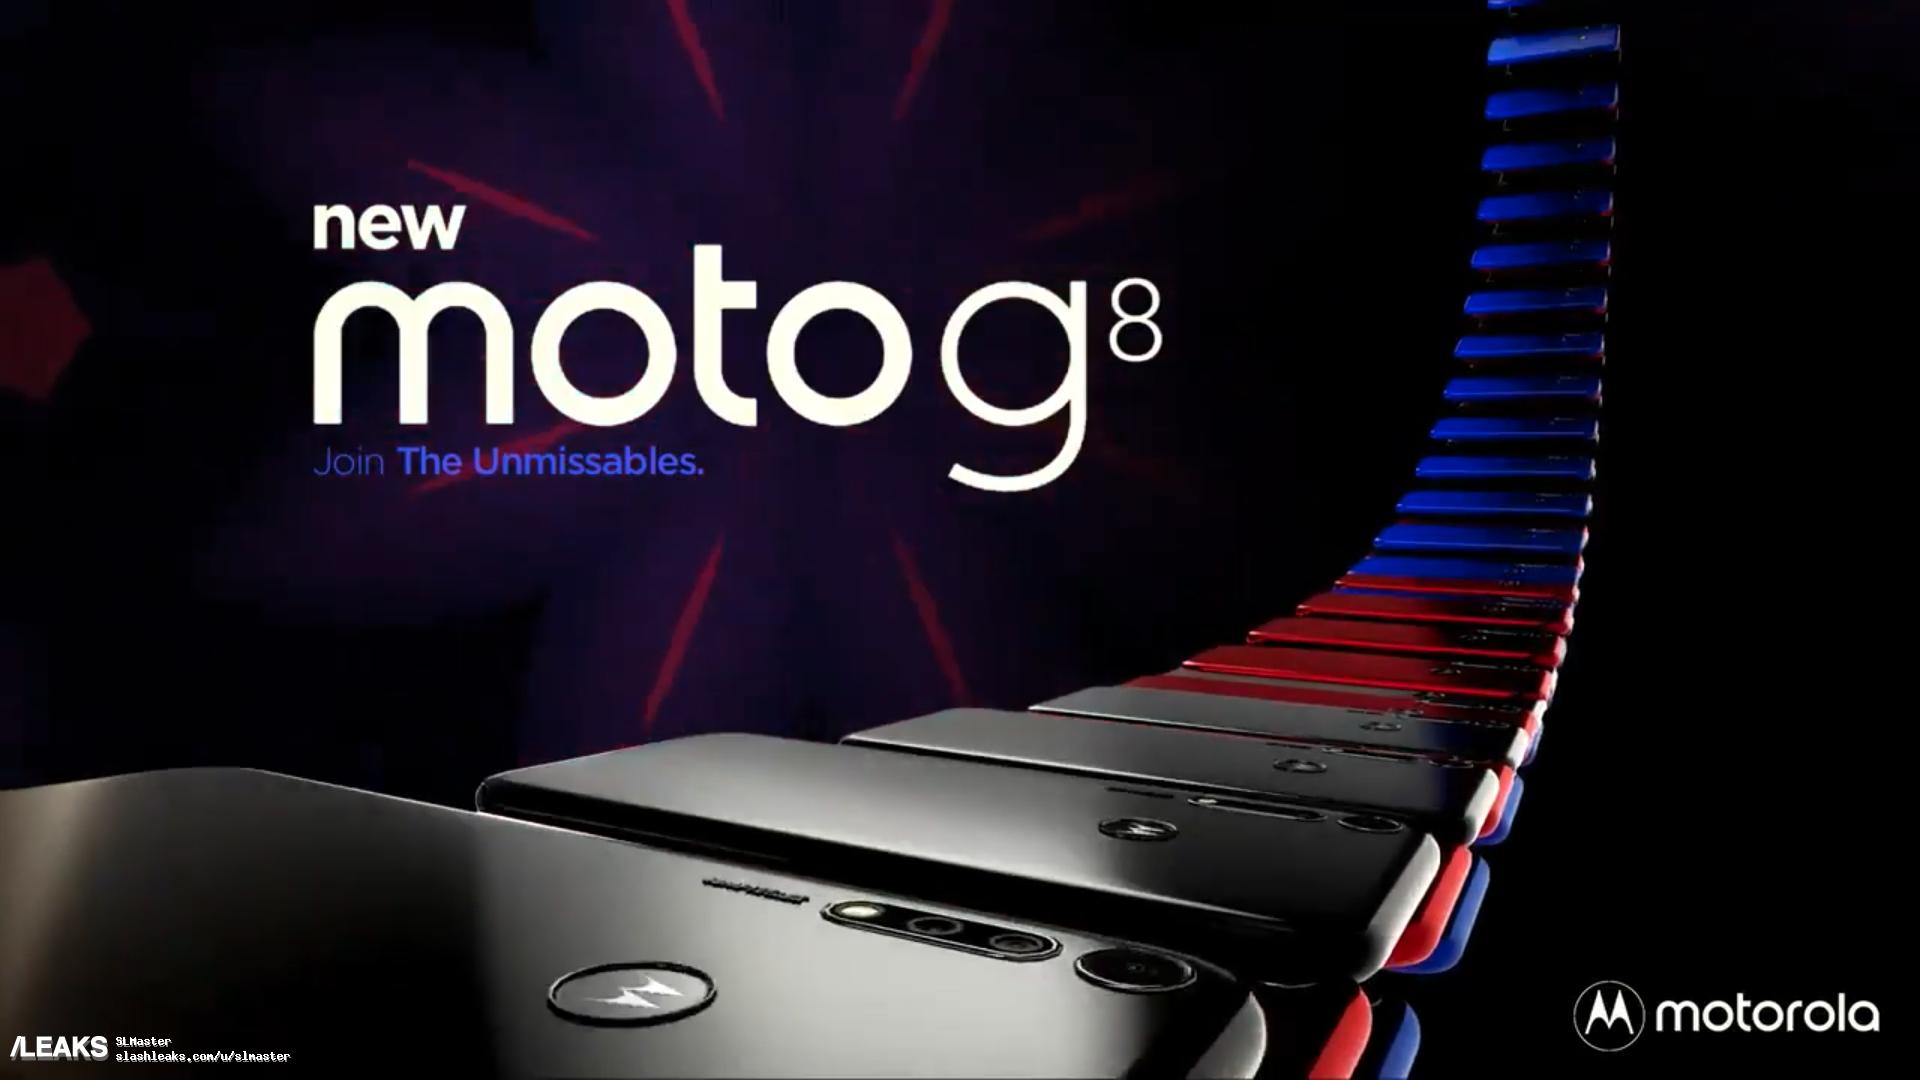 img Motorola Moto G8's design leaked by EvLeaks [UPDATED: Moto G8 Play]